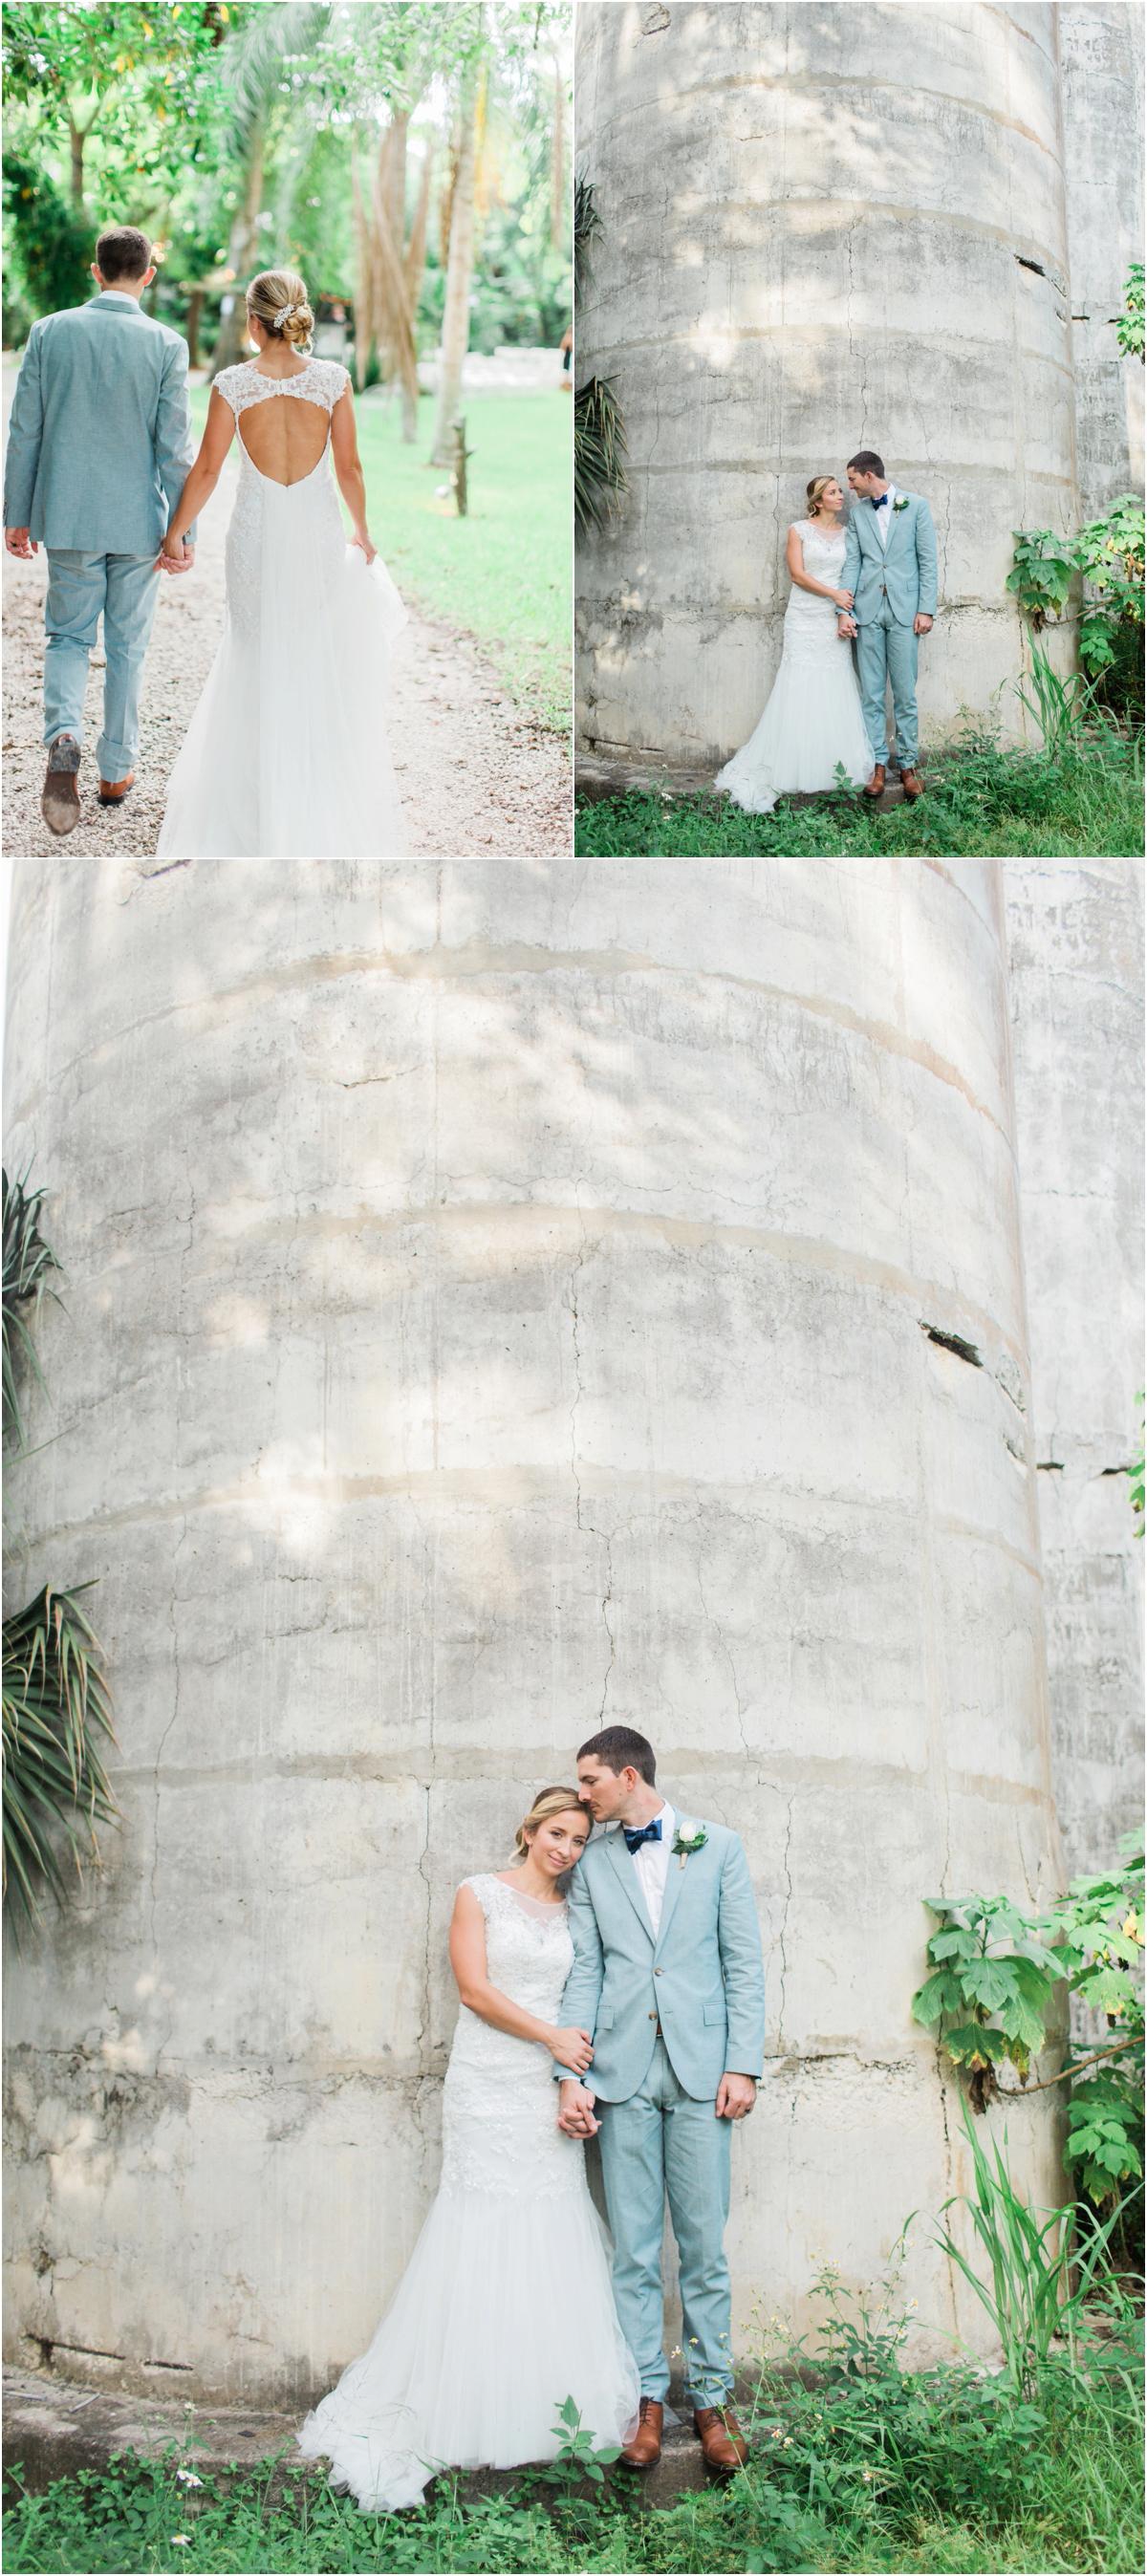 Waldos-Secret-Garden-Wedding-Photos-Vero_0019